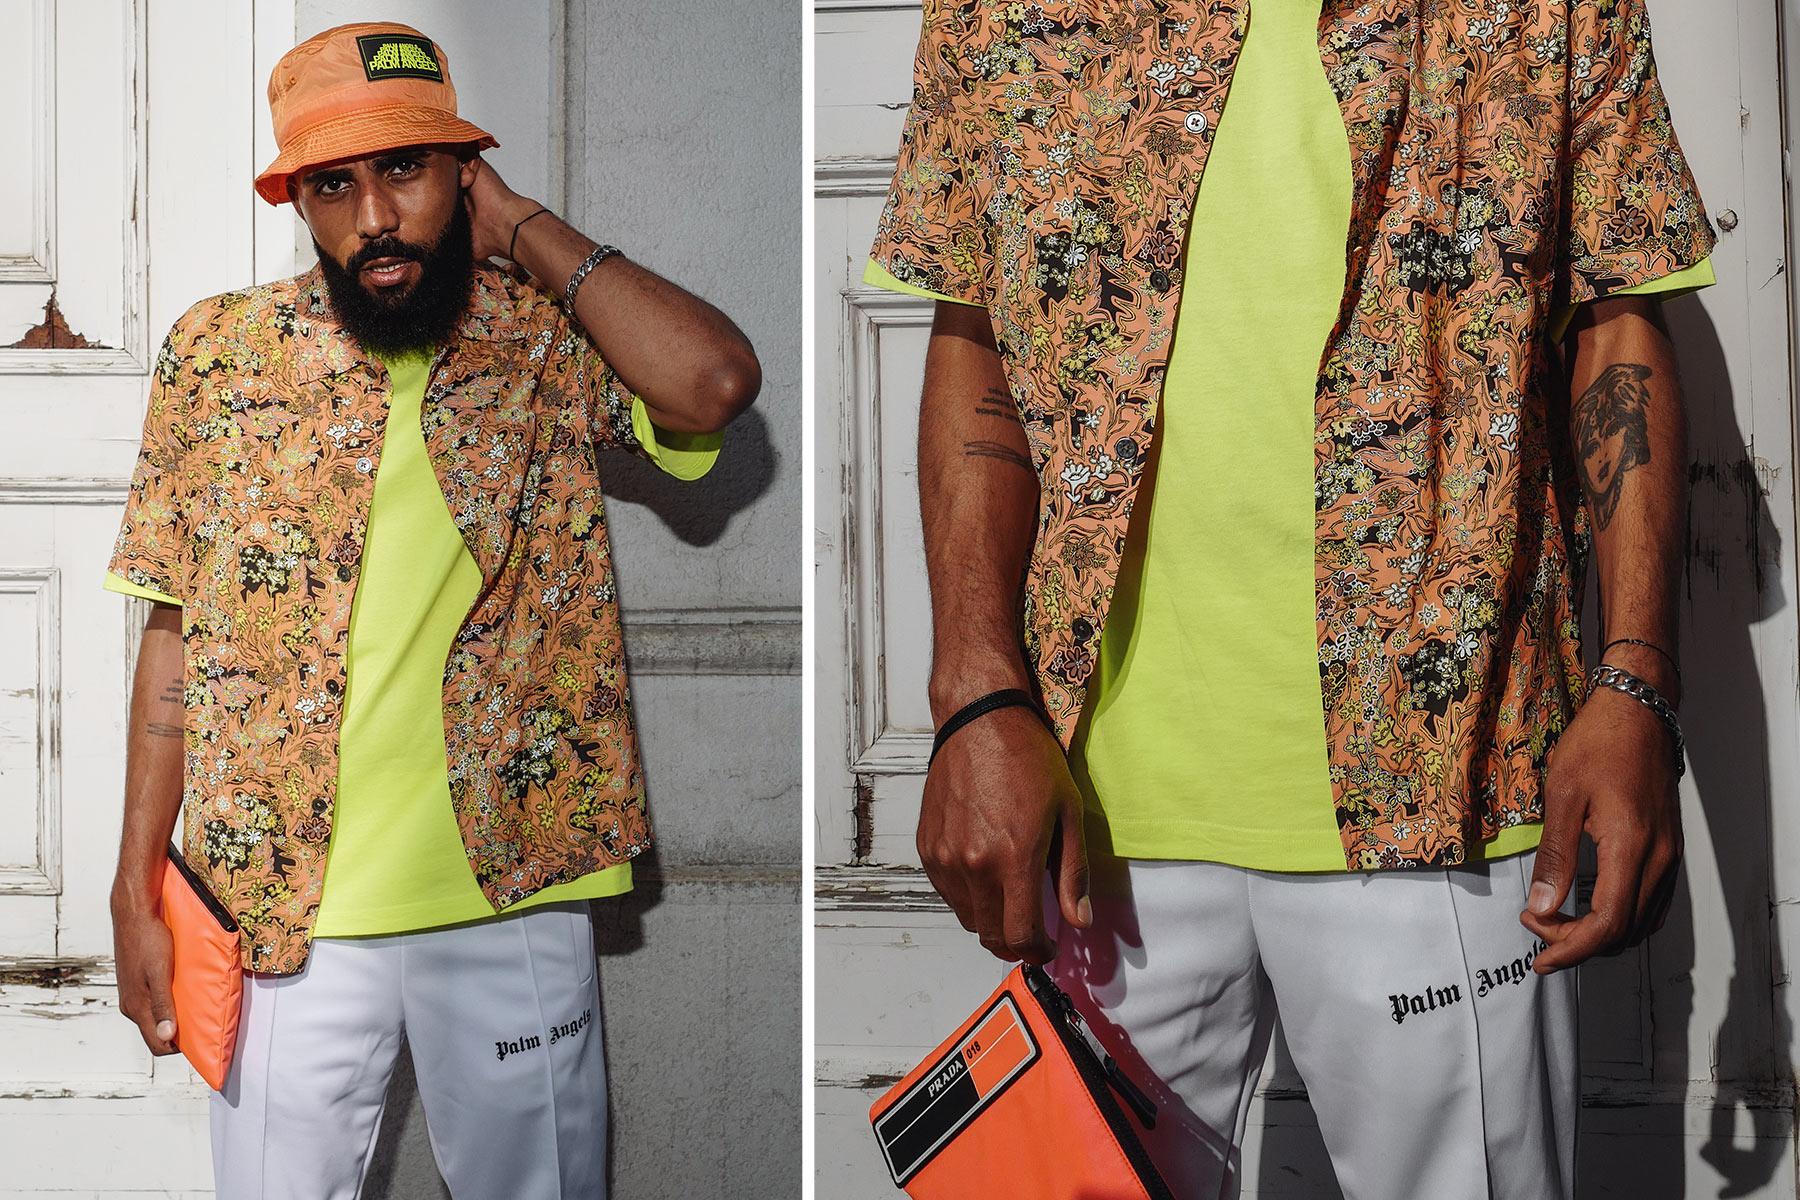 Voll im Trend: Hemden mit Print